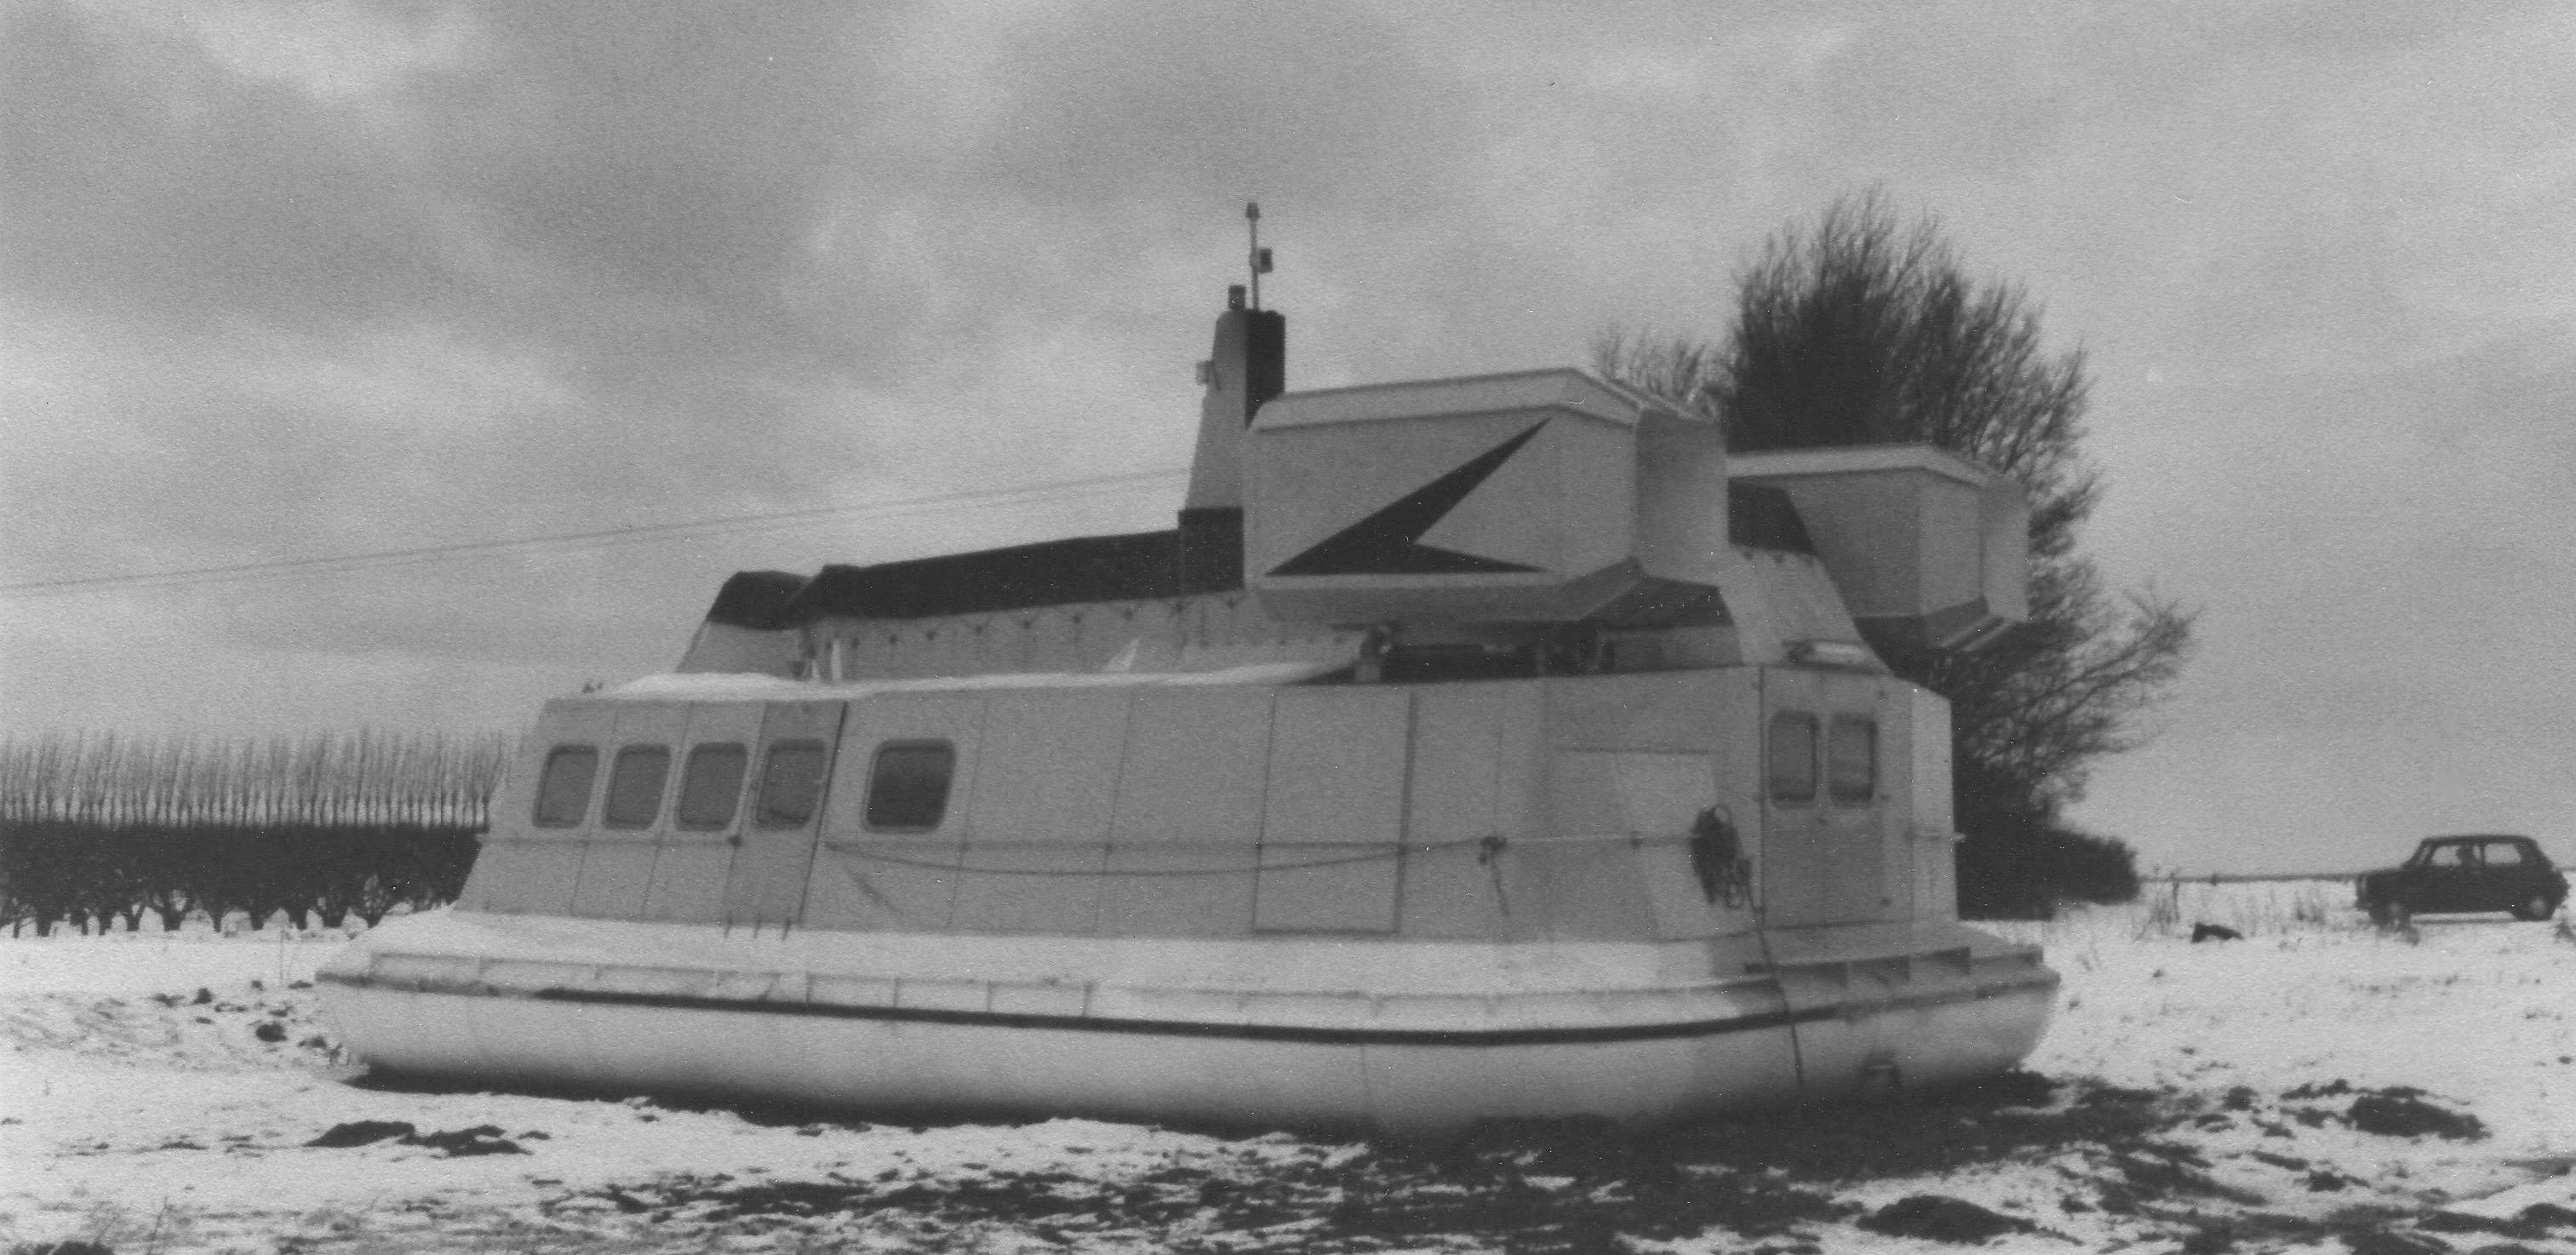 Luftpudebåden 1978